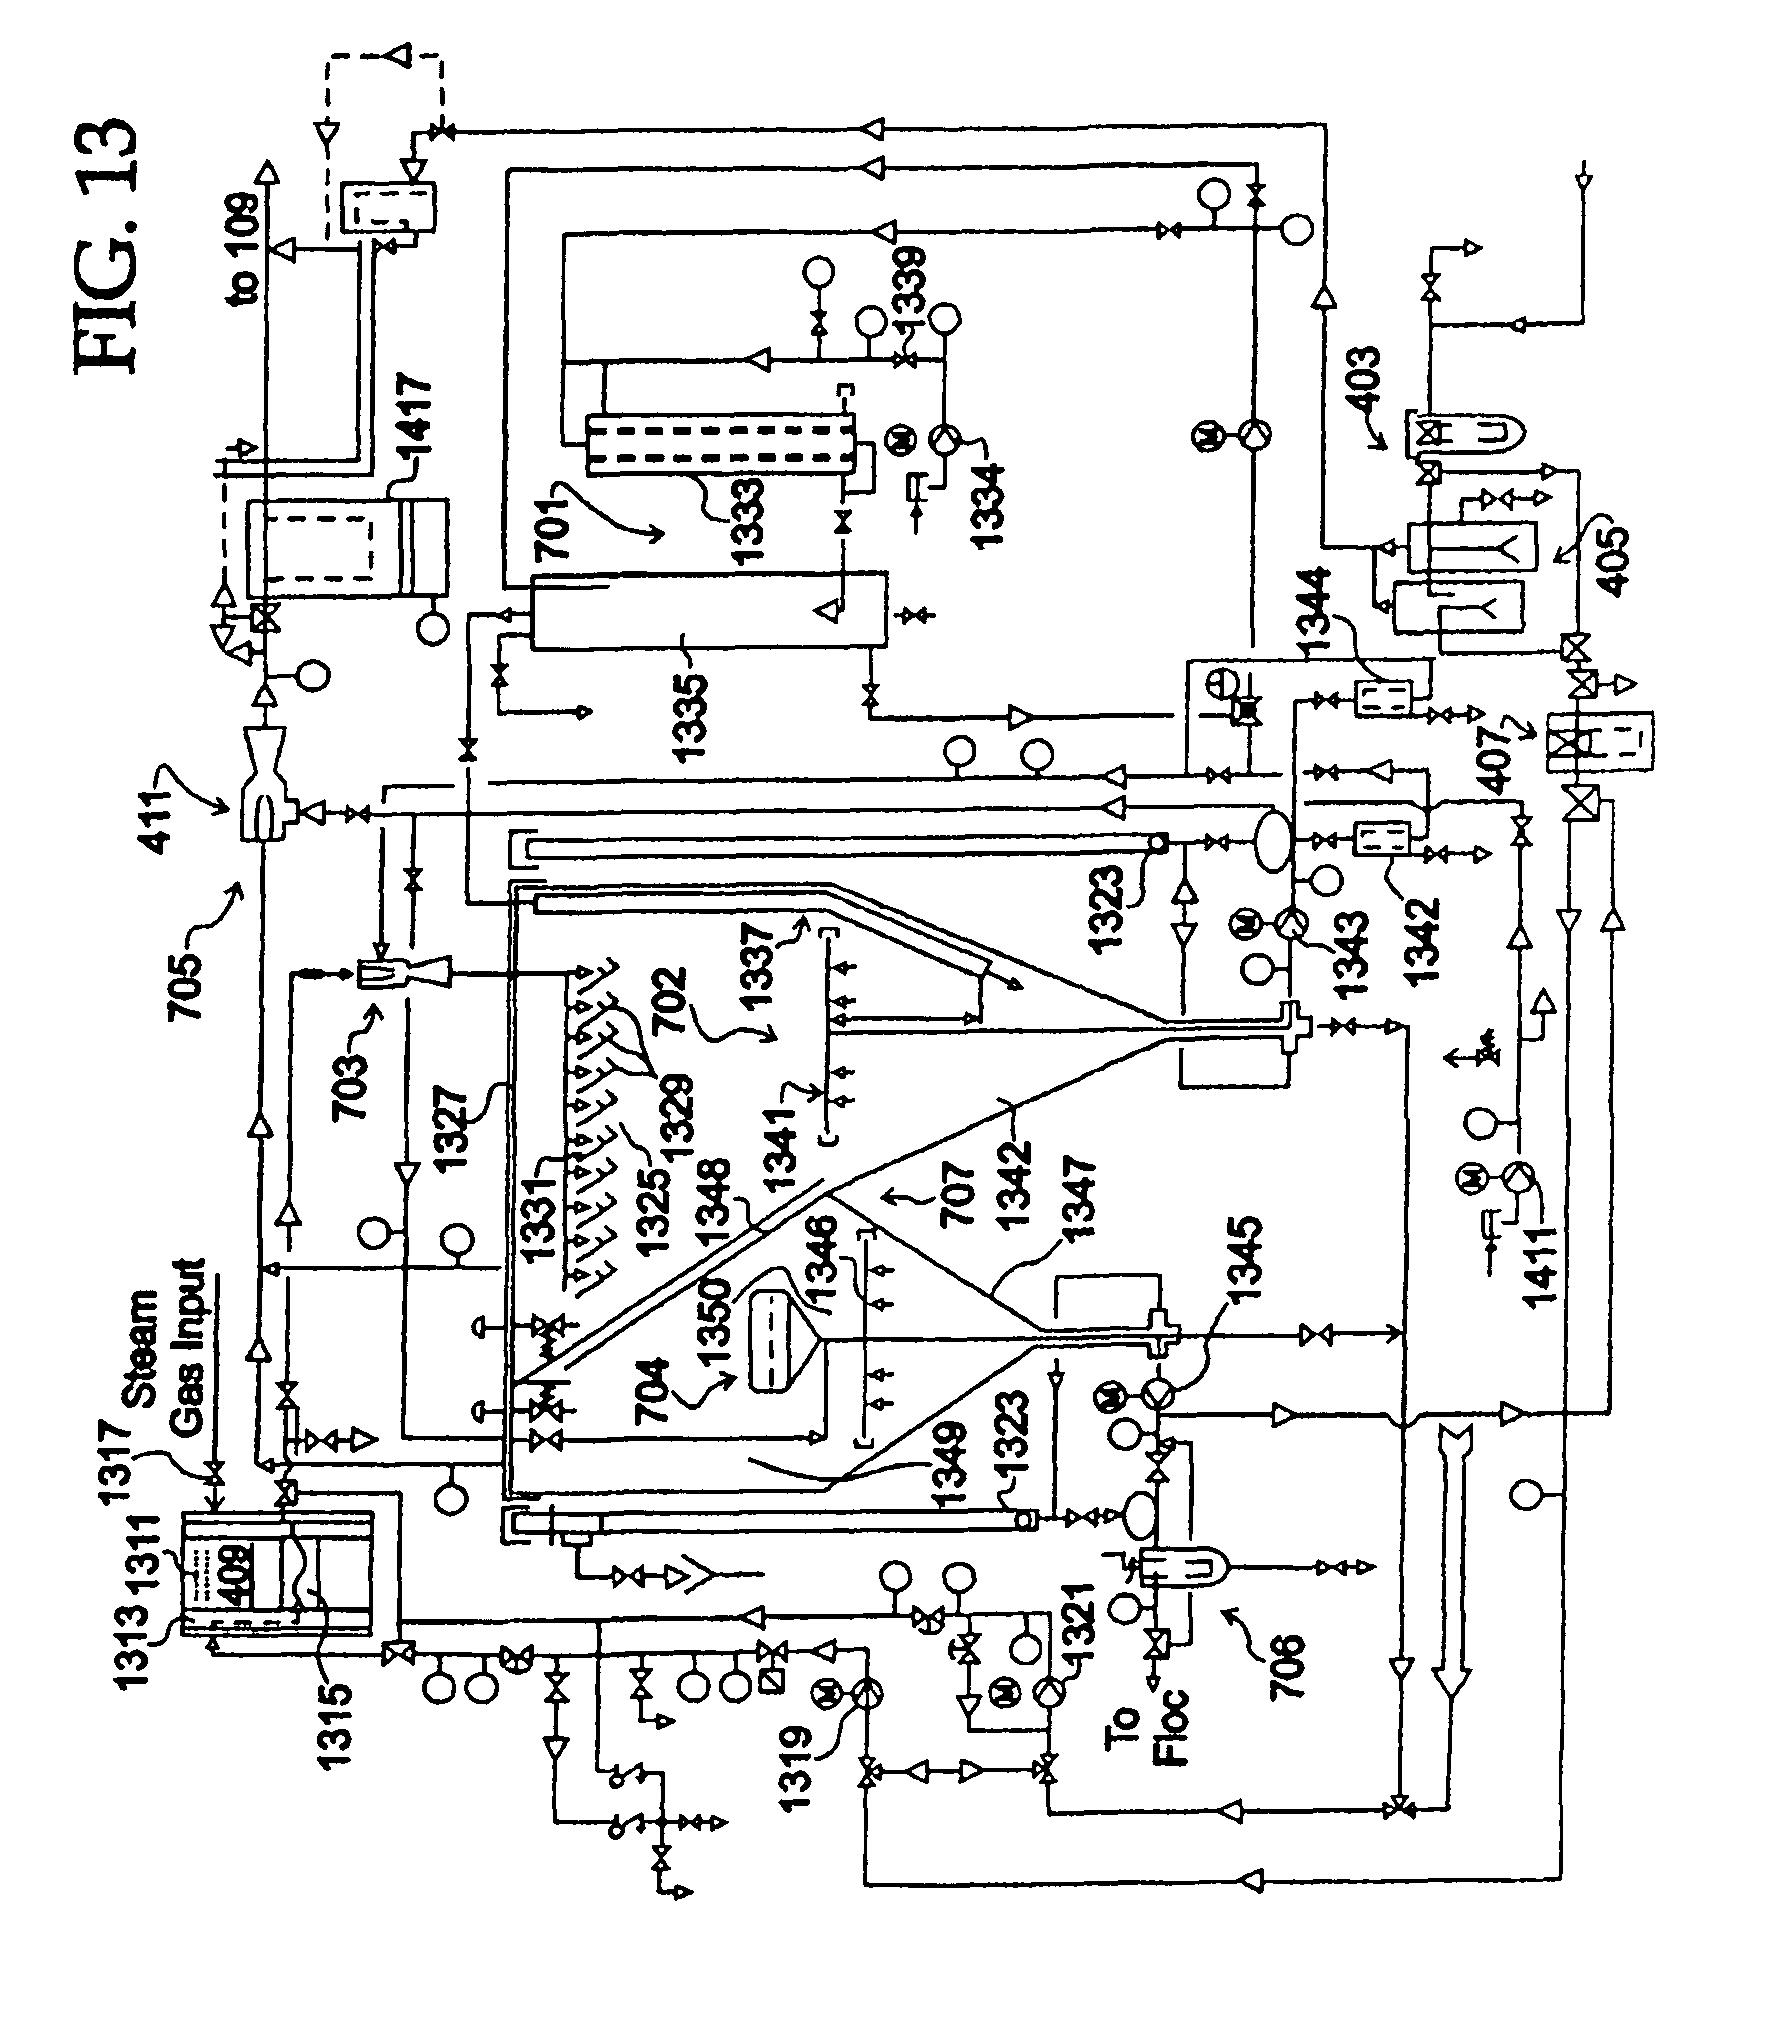 Leviton security system diagram